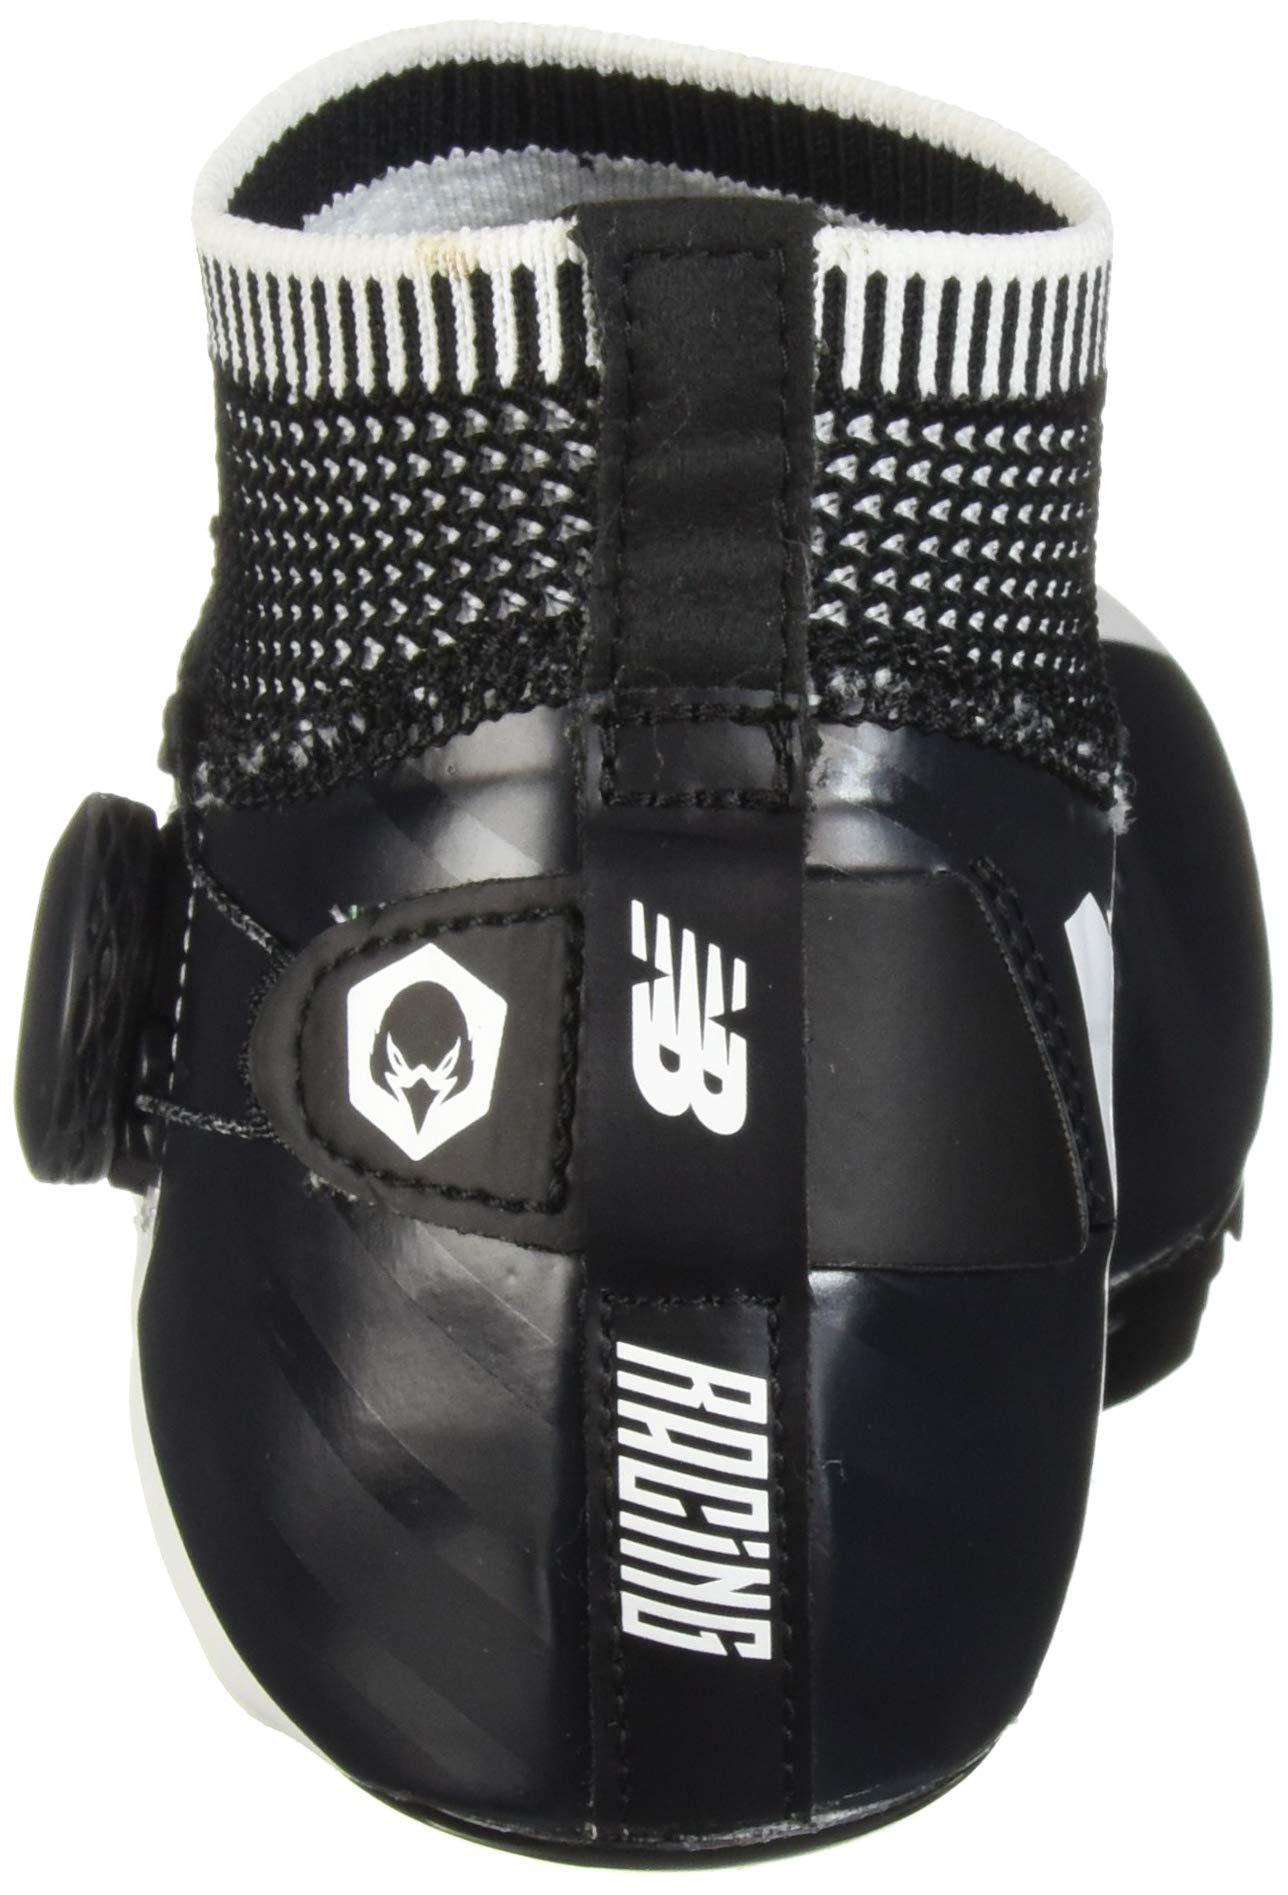 New Balance Men's Sigma V2 Vazee Track Shoe White/Black 4 D US by New Balance (Image #2)